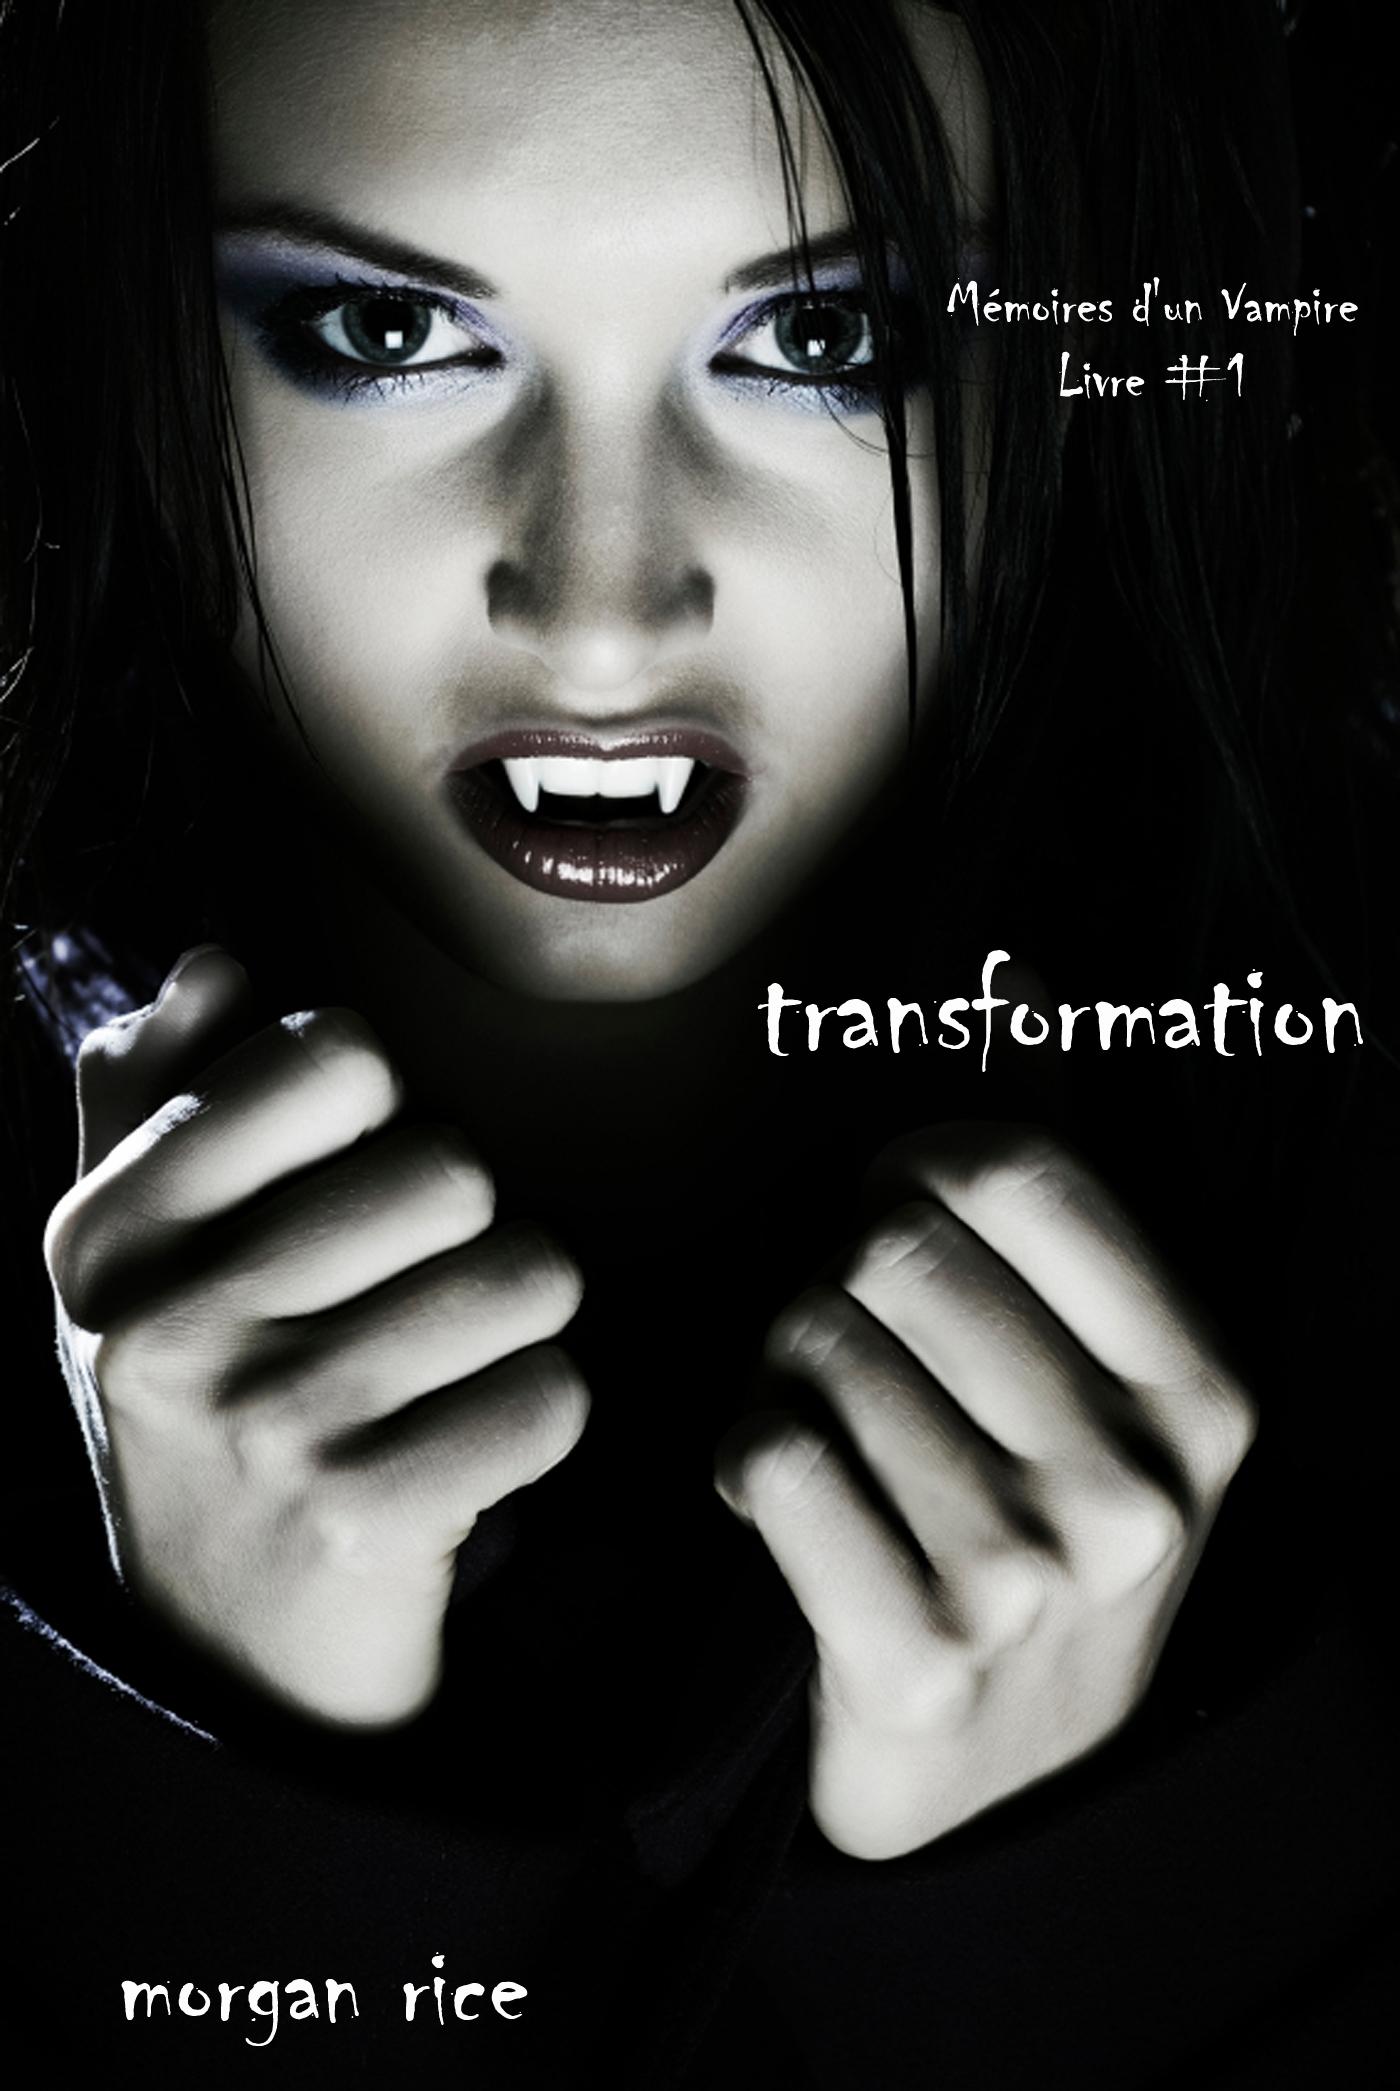 TRANSFORMATION (LIVRE #1 MEMOIRES D